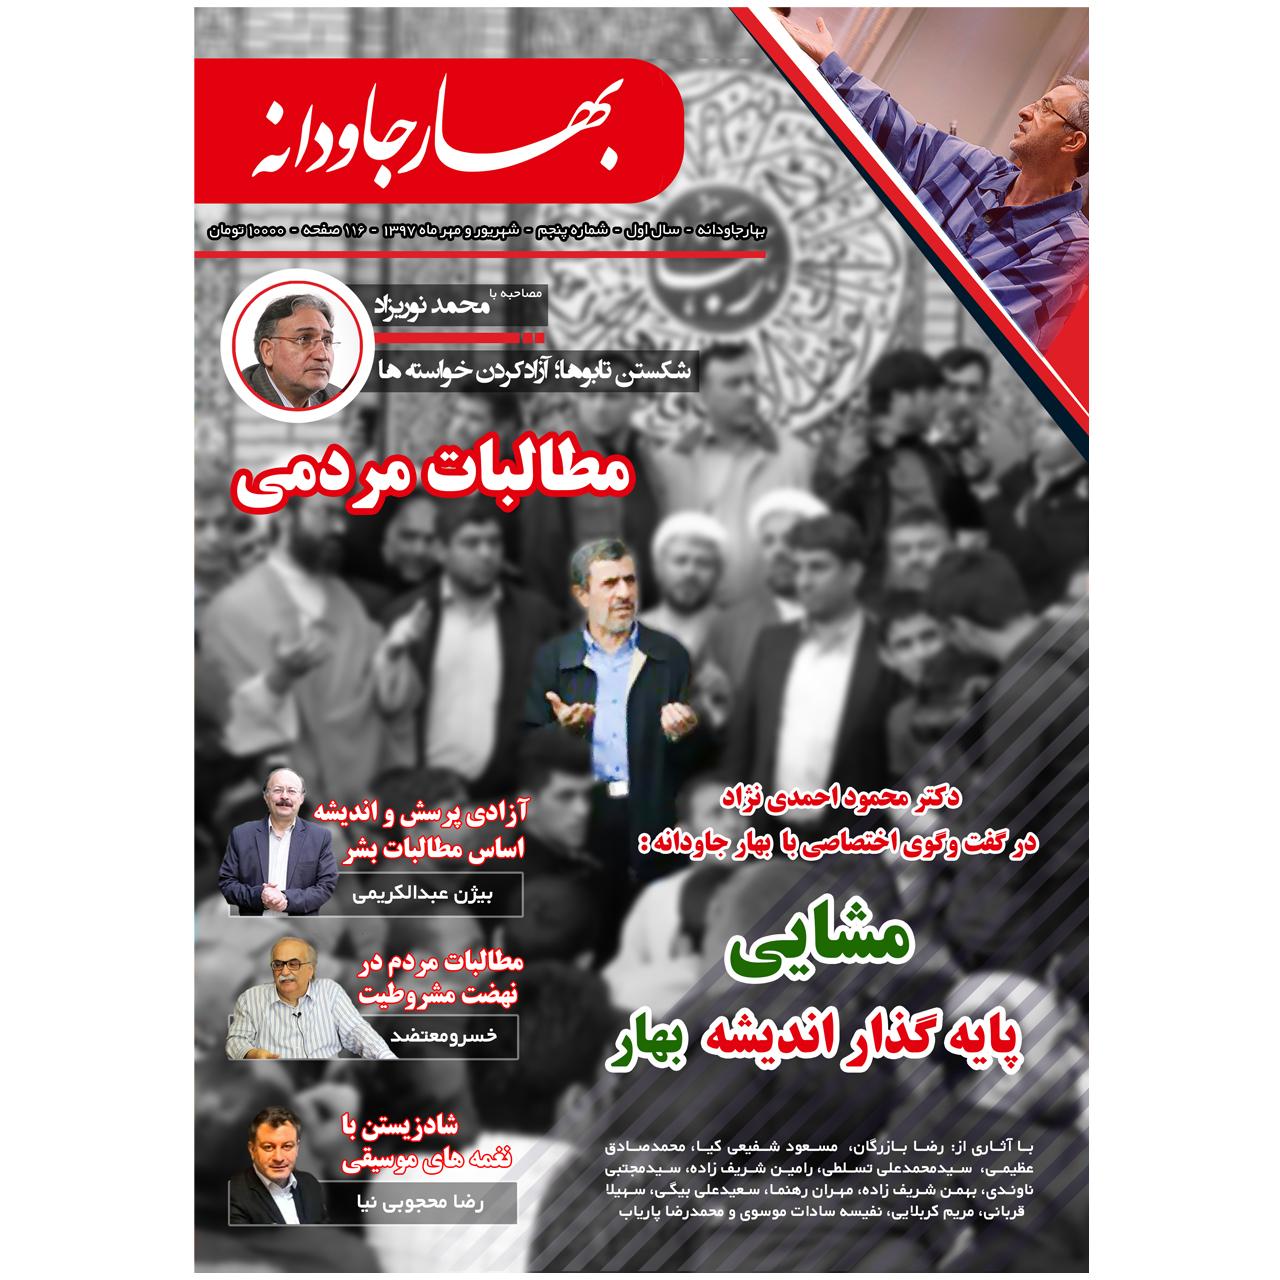 ماهنامه بهارجاودانه - شماره 5